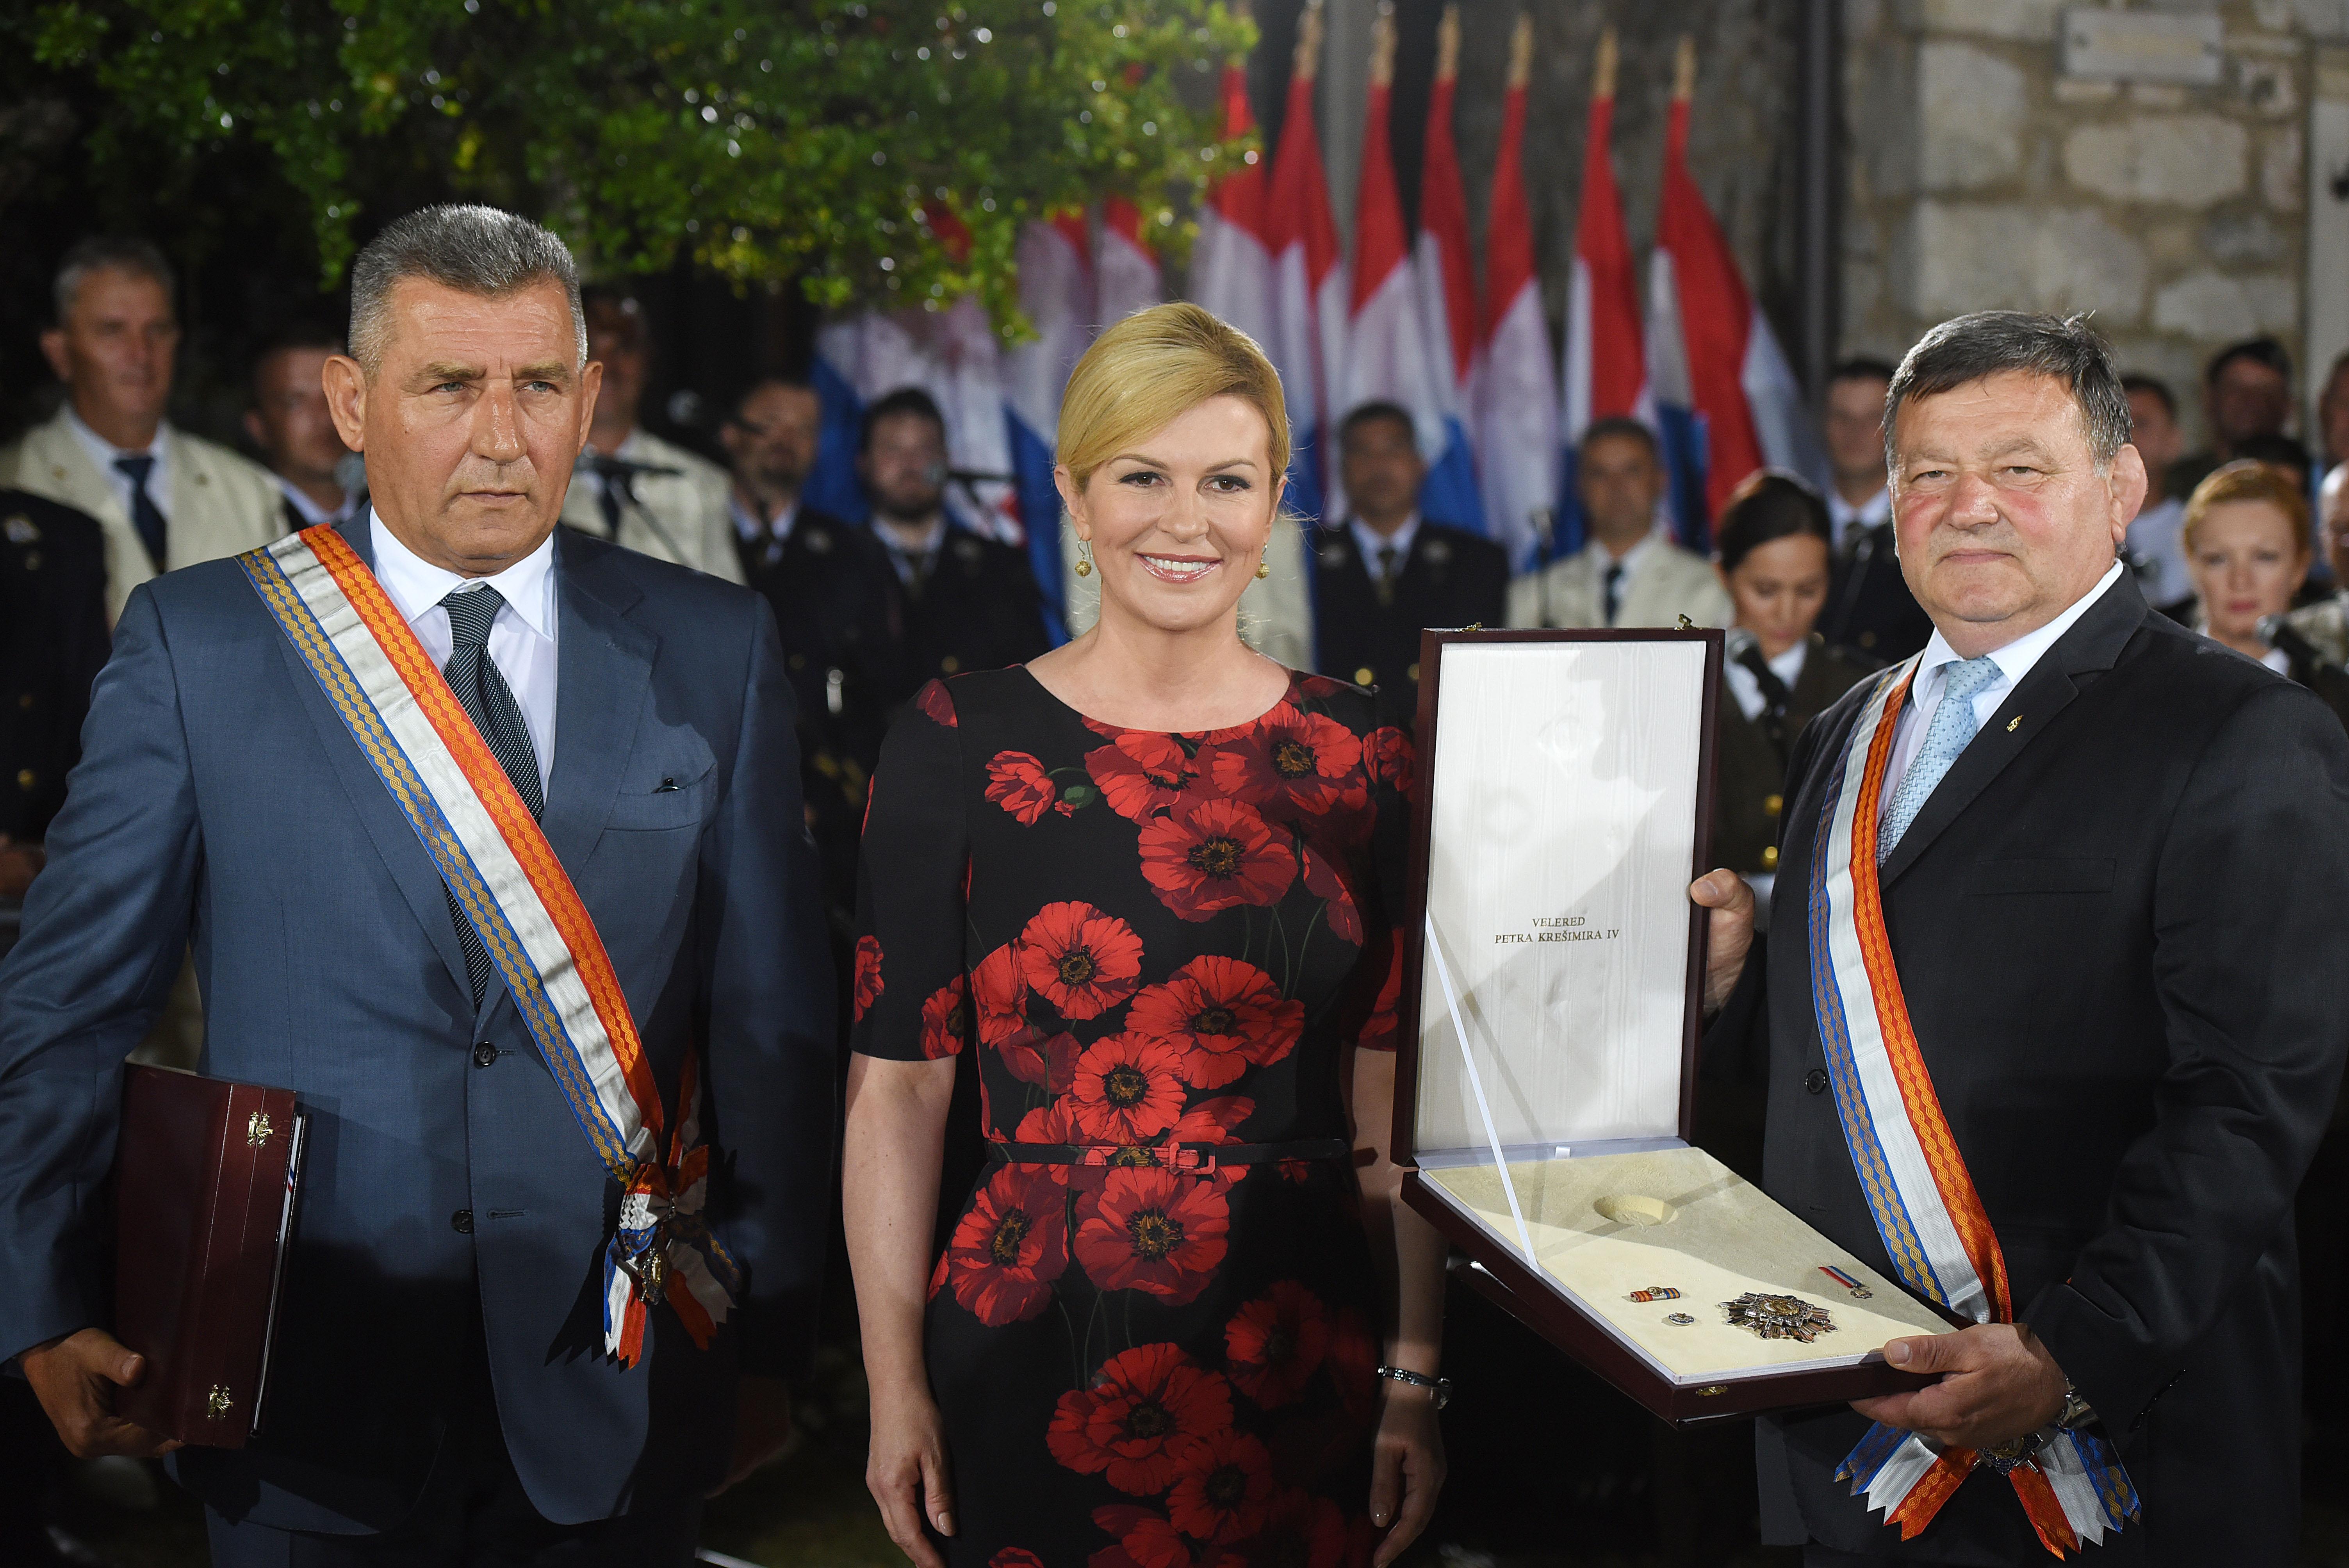 Državni vrh u Kninu odlikovao generale Gotovinu i Markača